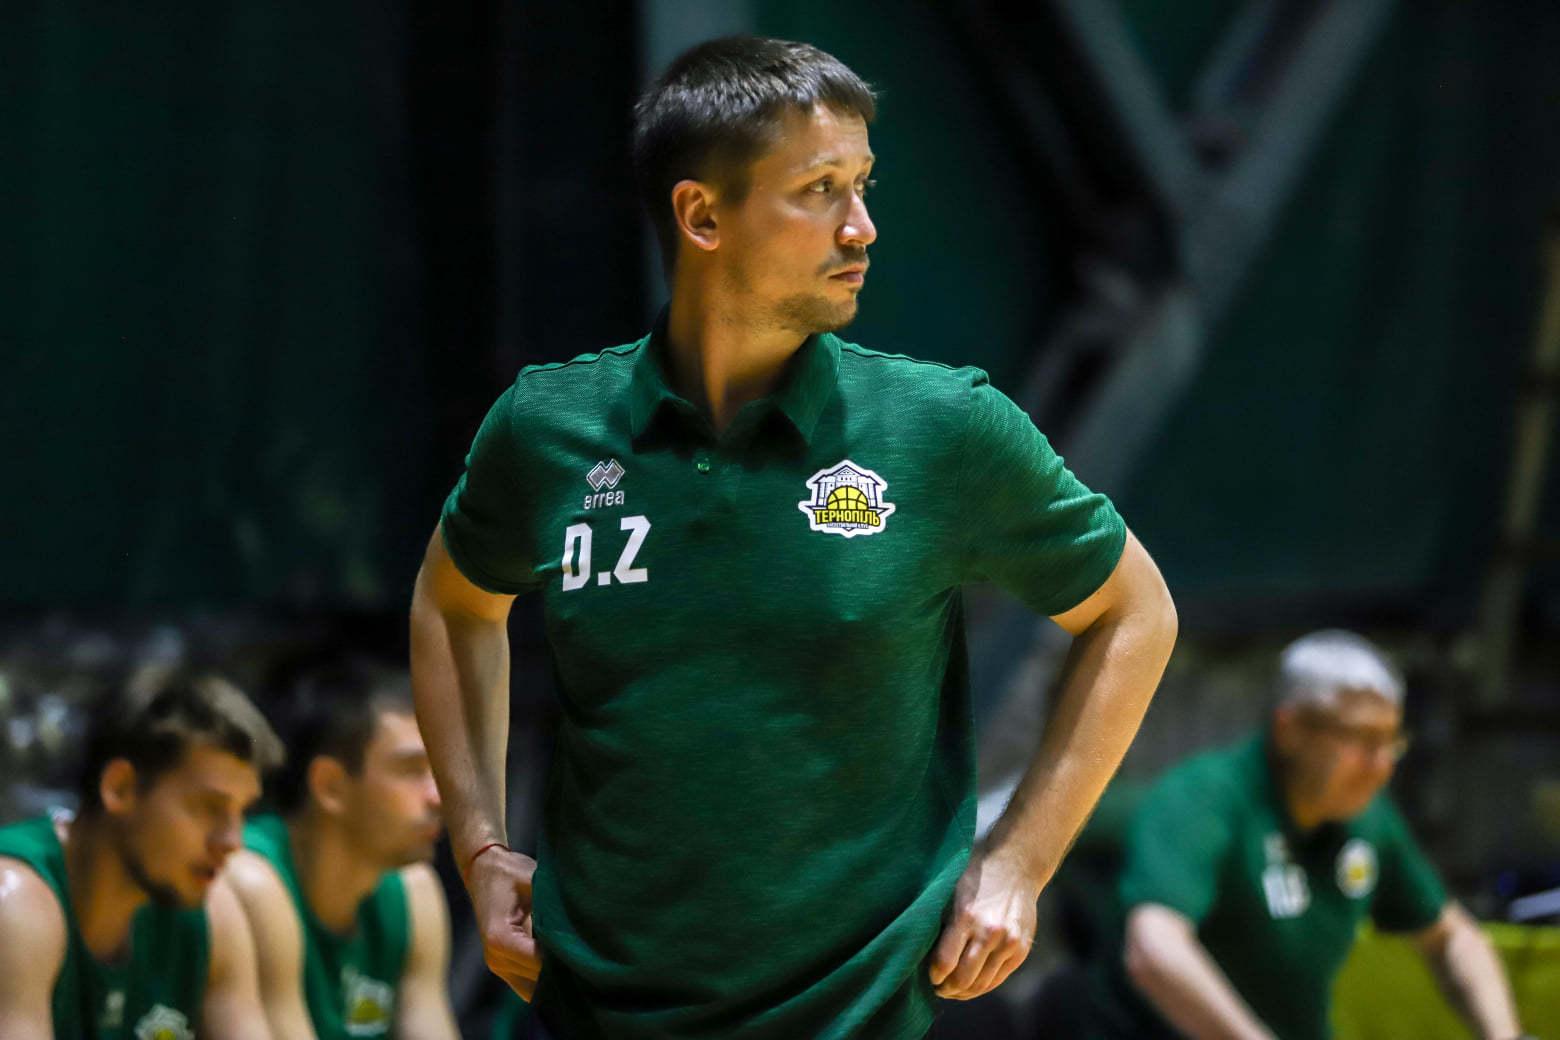 Дмитро Забірченко: потішило, що в другому матчі з Київ-Баскетом почали спрацьовувати окремі комбінації